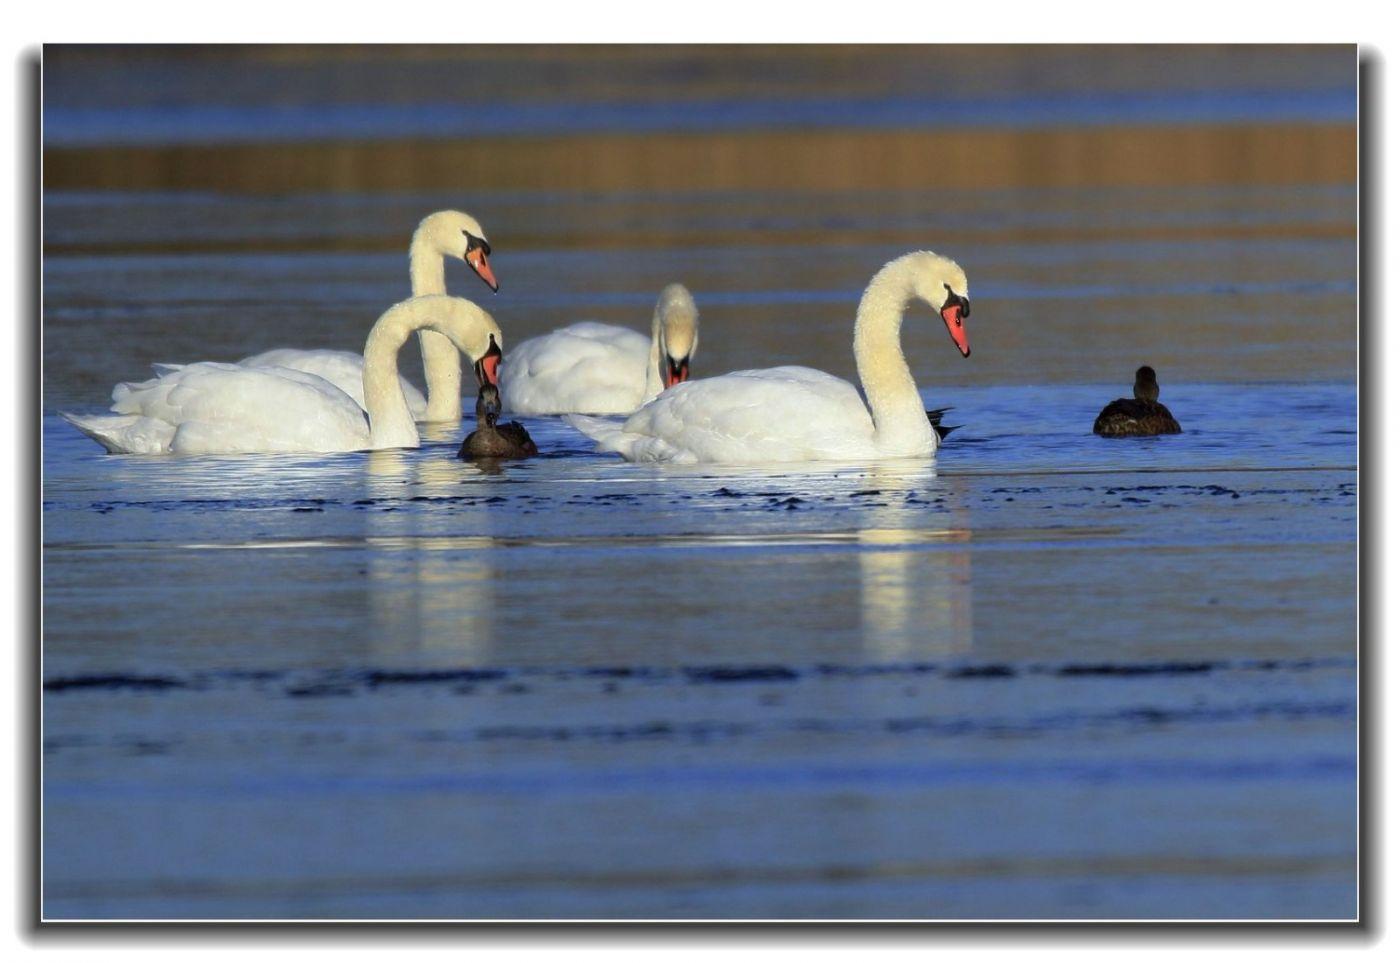 牙买加野生动物保护区拍天鹅及水鸟_图1-4